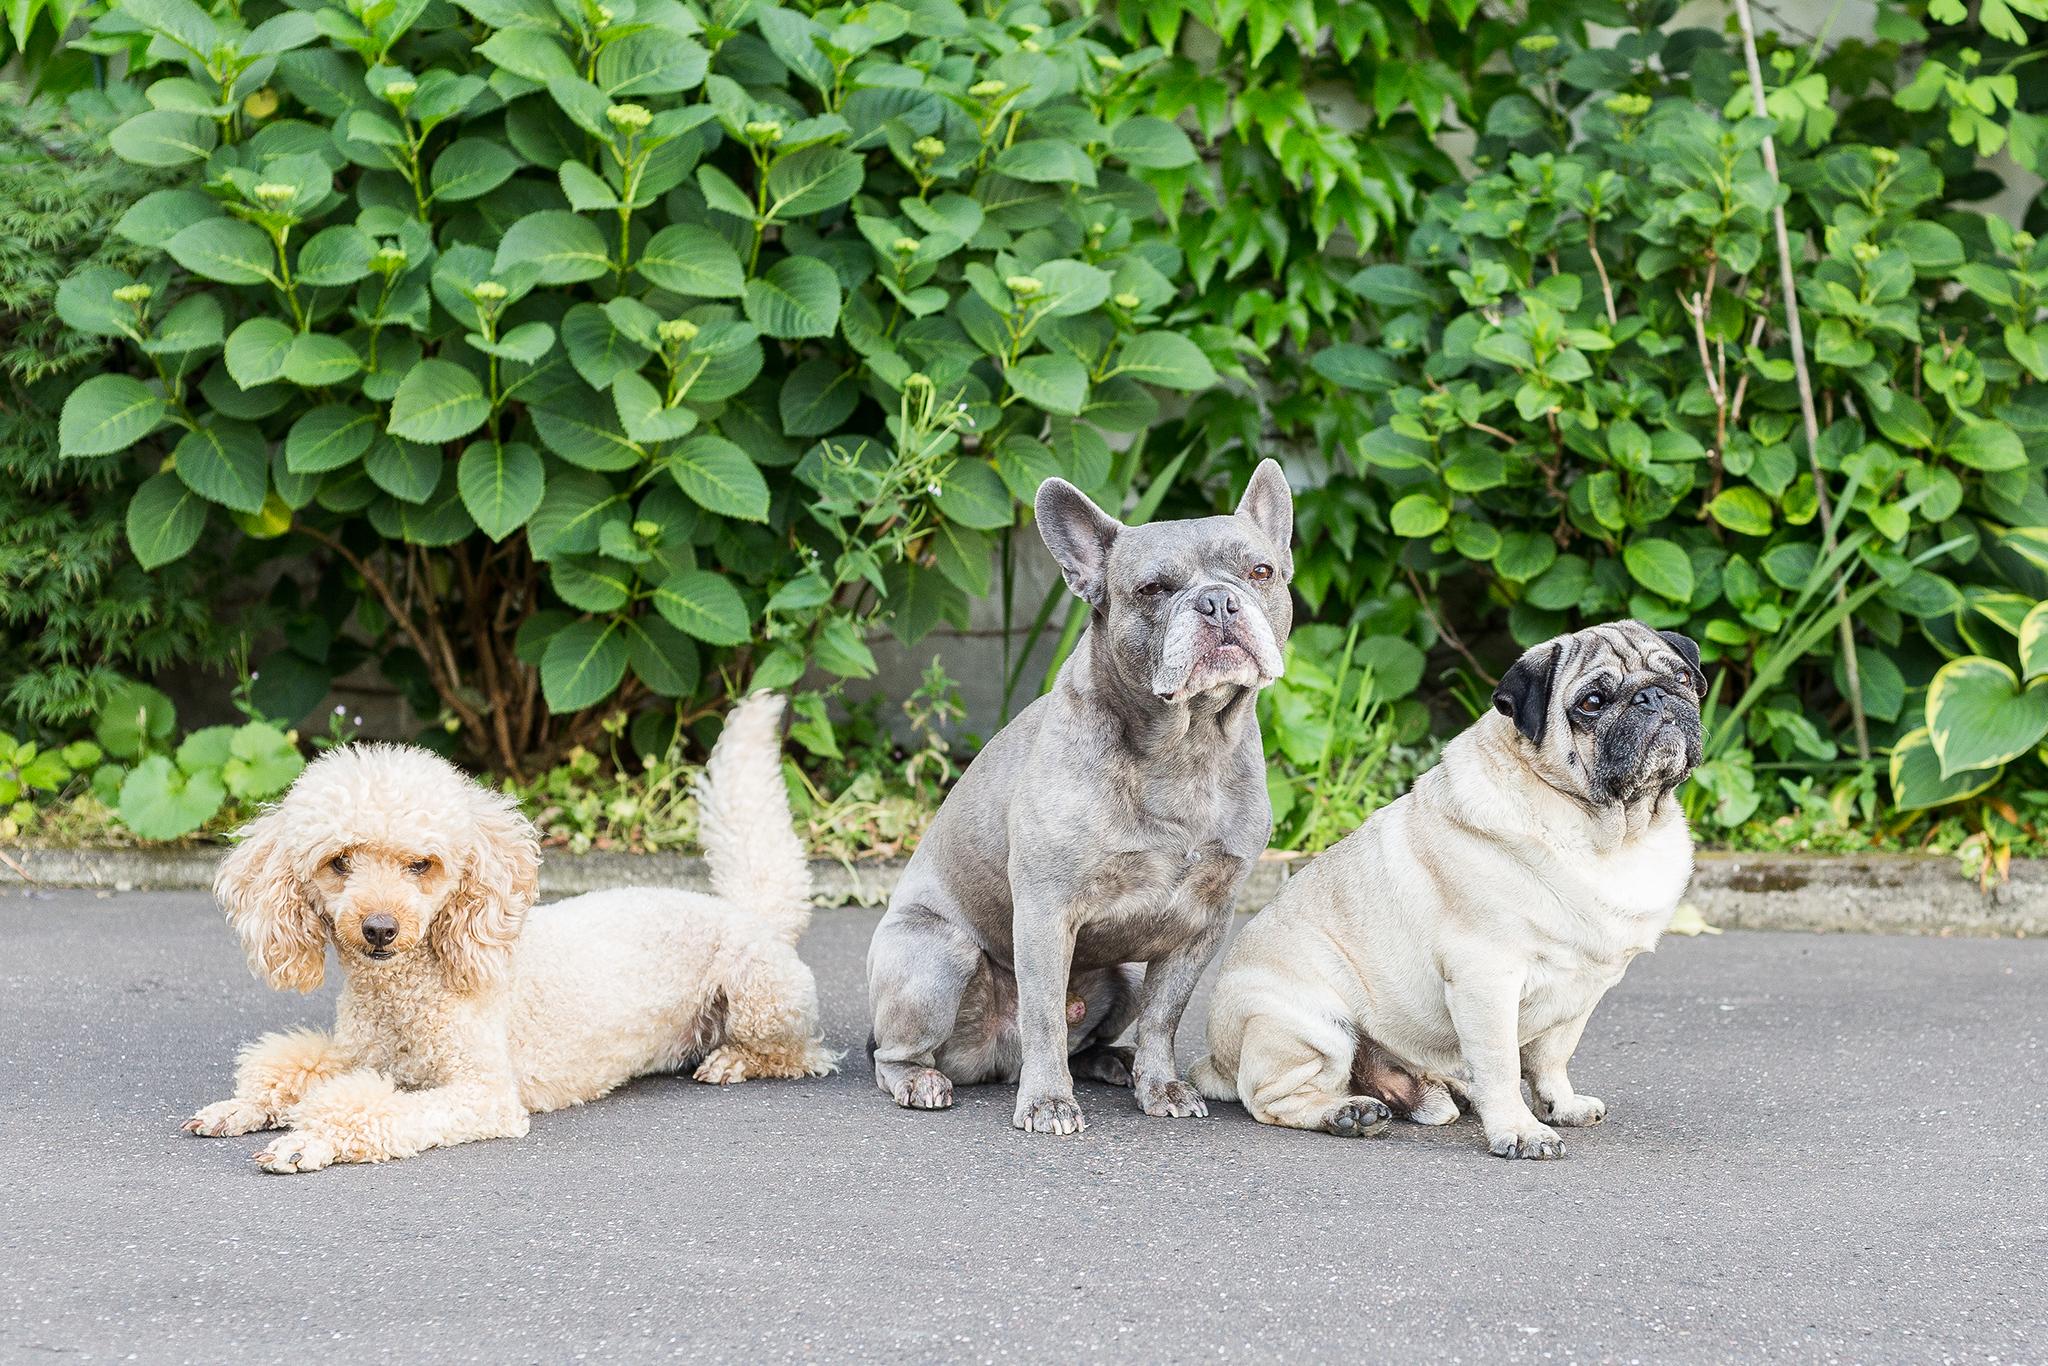 Die ganze Büro-Hunde-Truppe von ForestFinance: Pudel Wilma, Französische Bulldogge Krusty und Mops Arnold. Foto: Katrin Spanke/ForestFinance